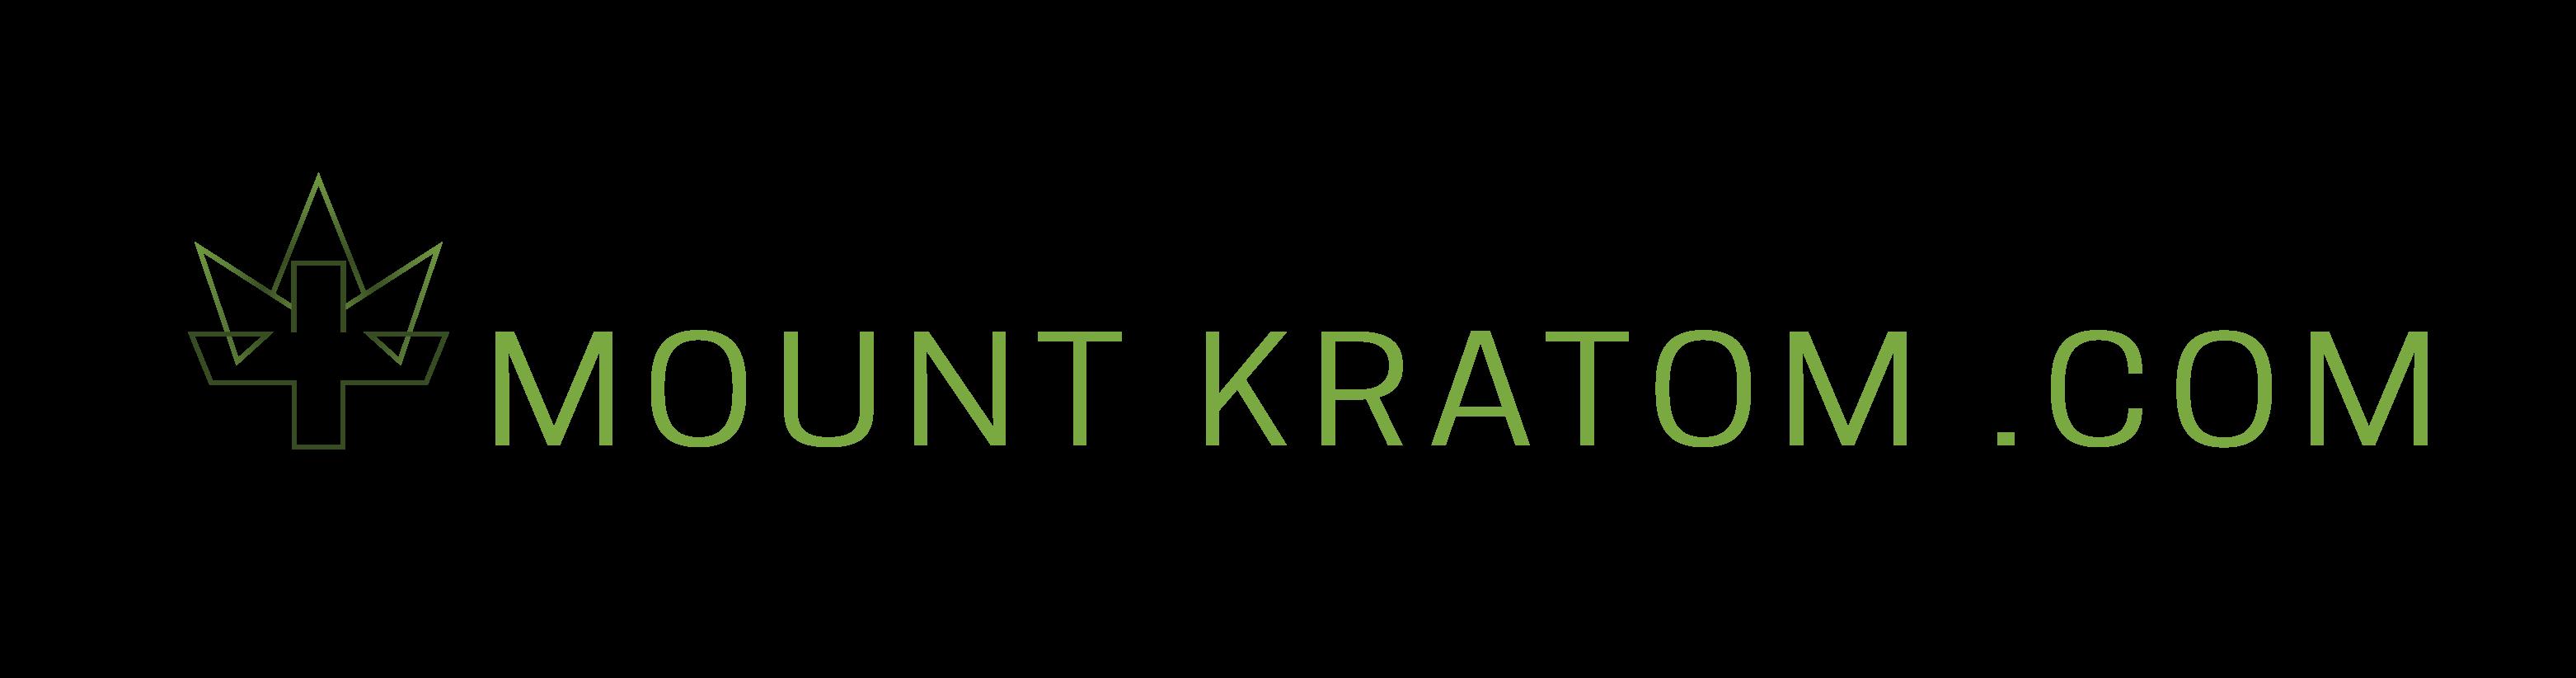 mountkratom.com